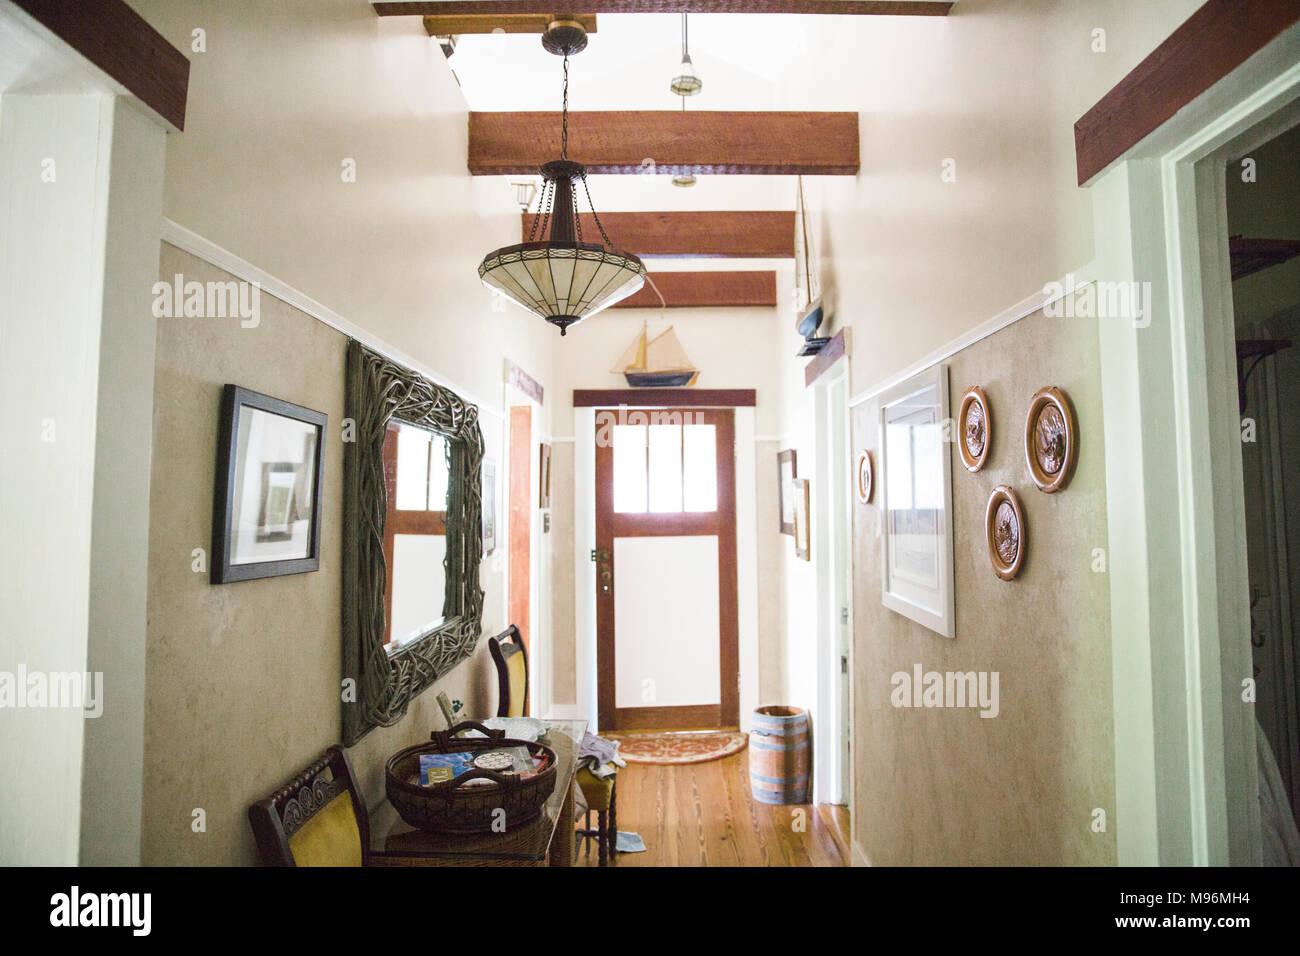 Corridoio/ingresso nella casa di famiglia Immagini Stock